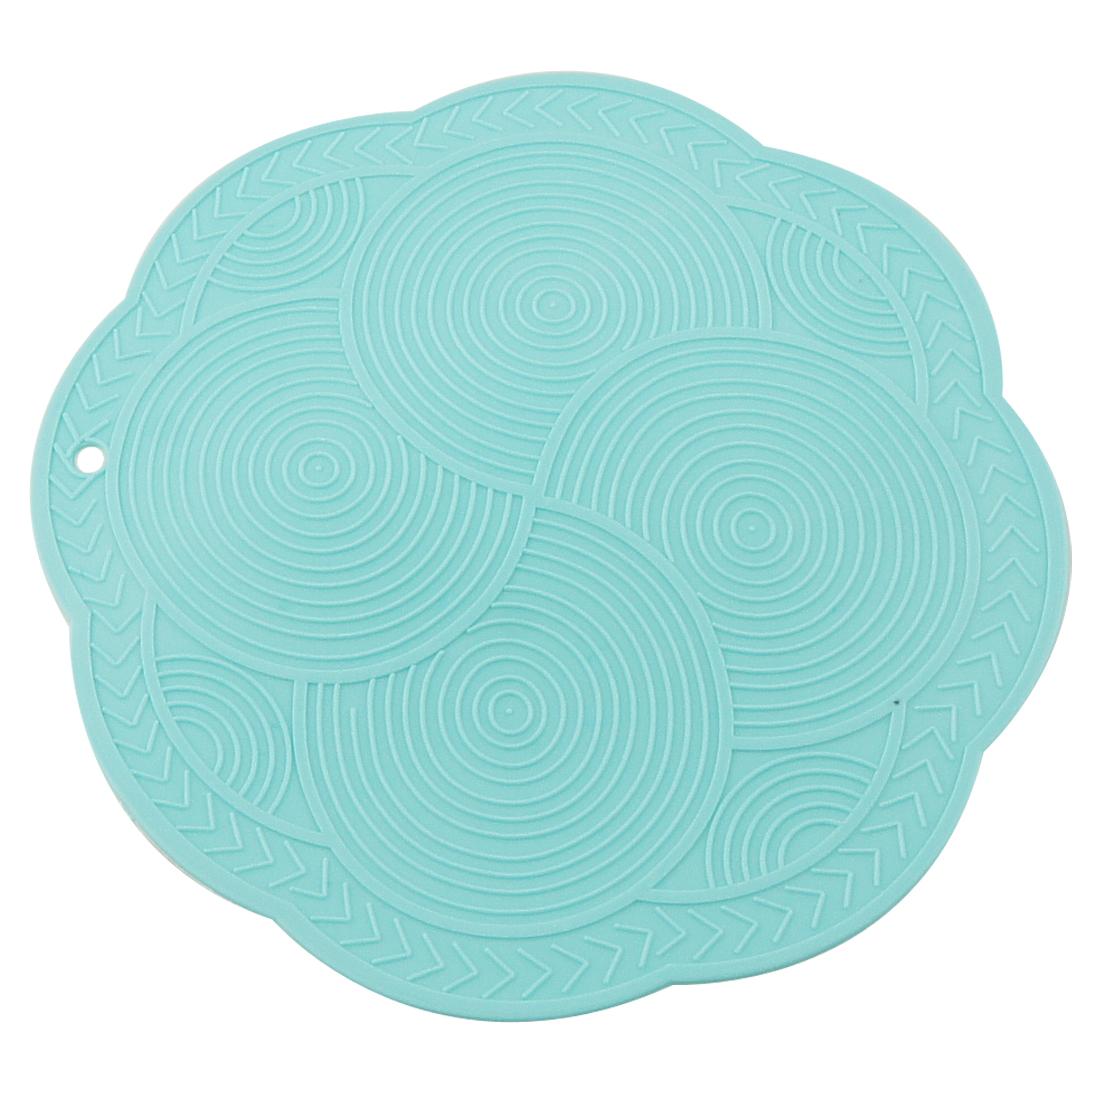 Blue Round Floral Shape Antislip Silicone Heat Resistant Mat 2 Pcs